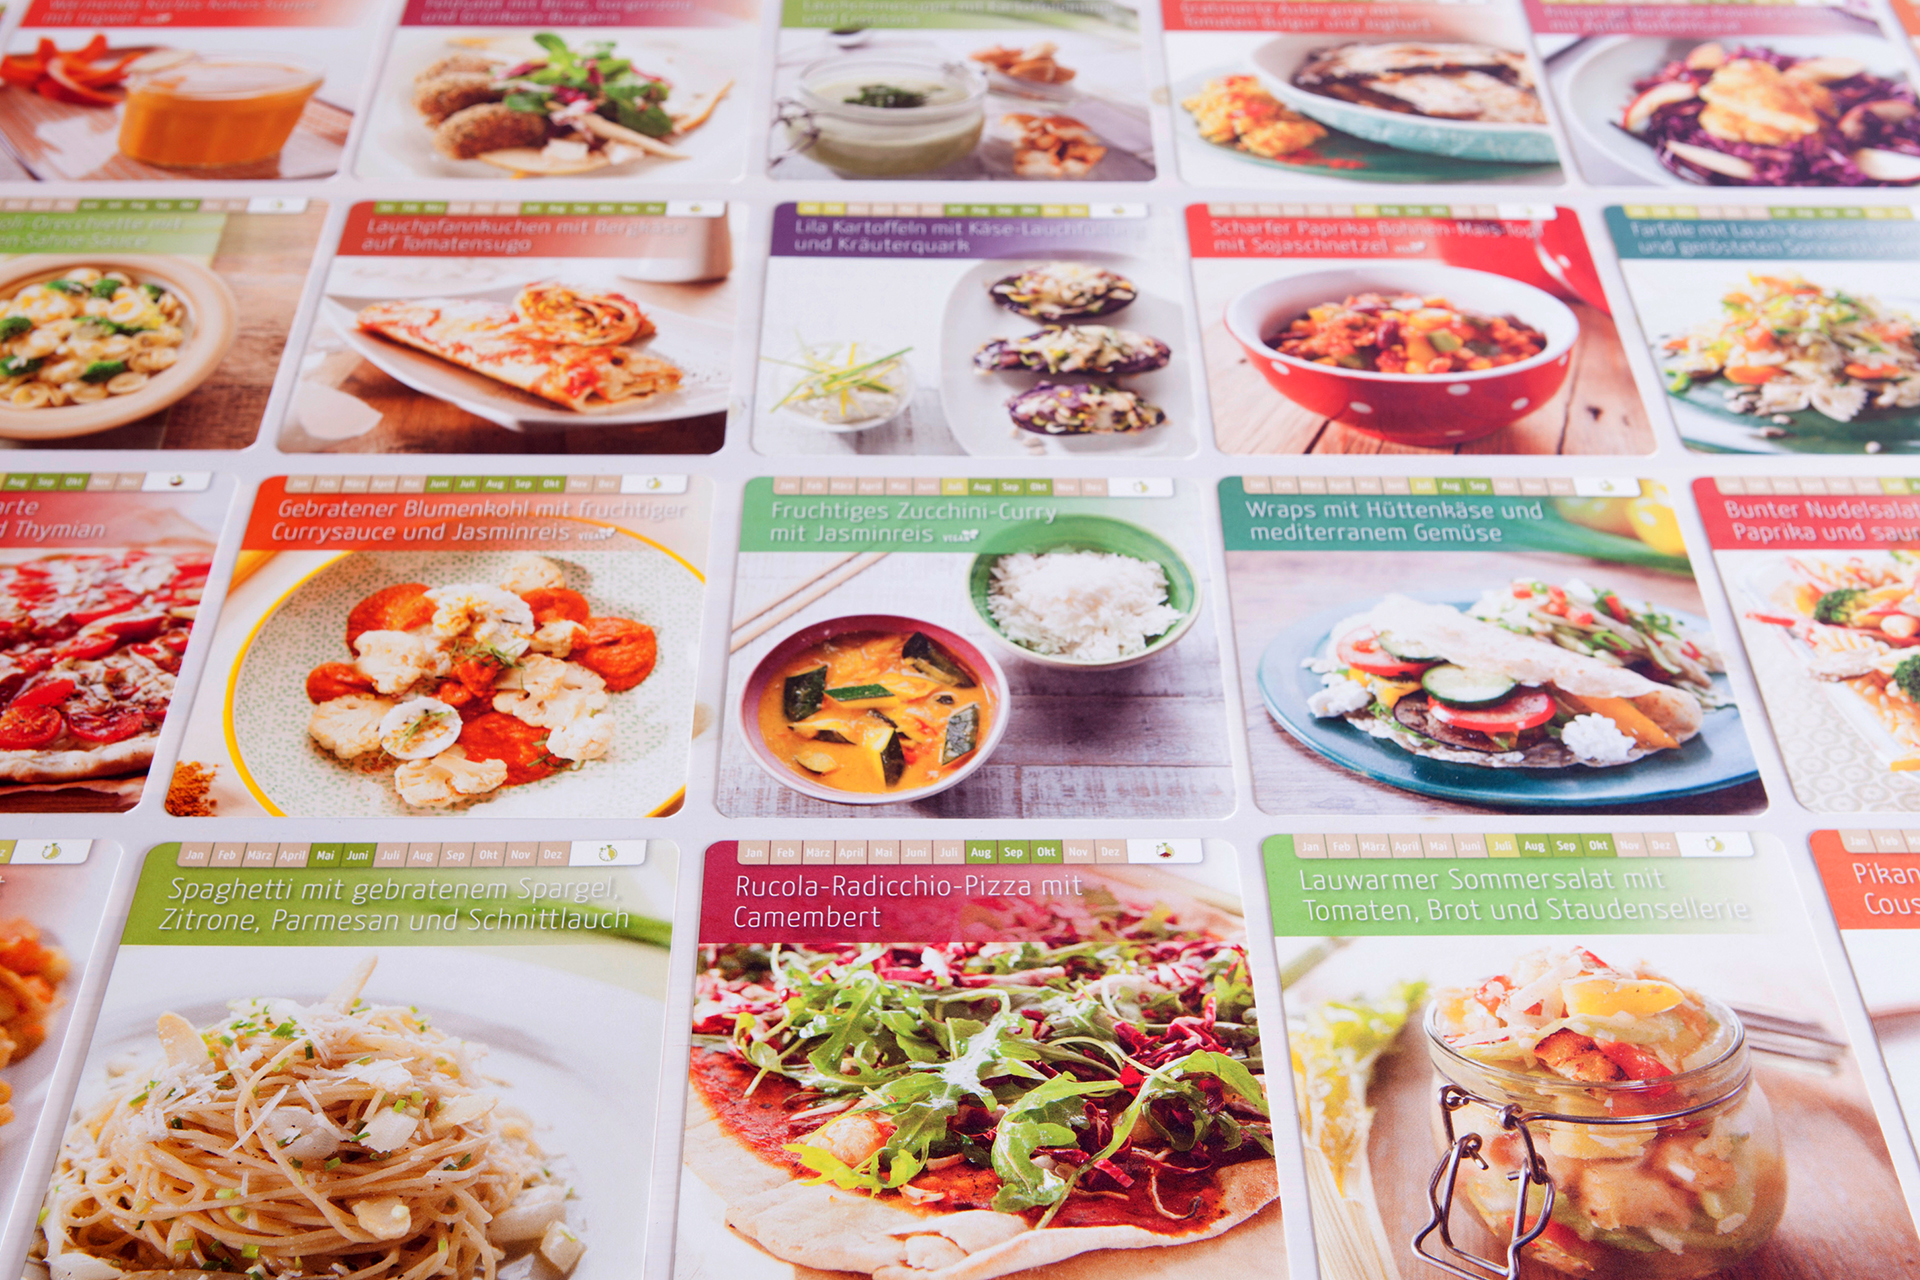 52 Rezeptkarten versprechen höchstes kulinarisches Feierabendglück